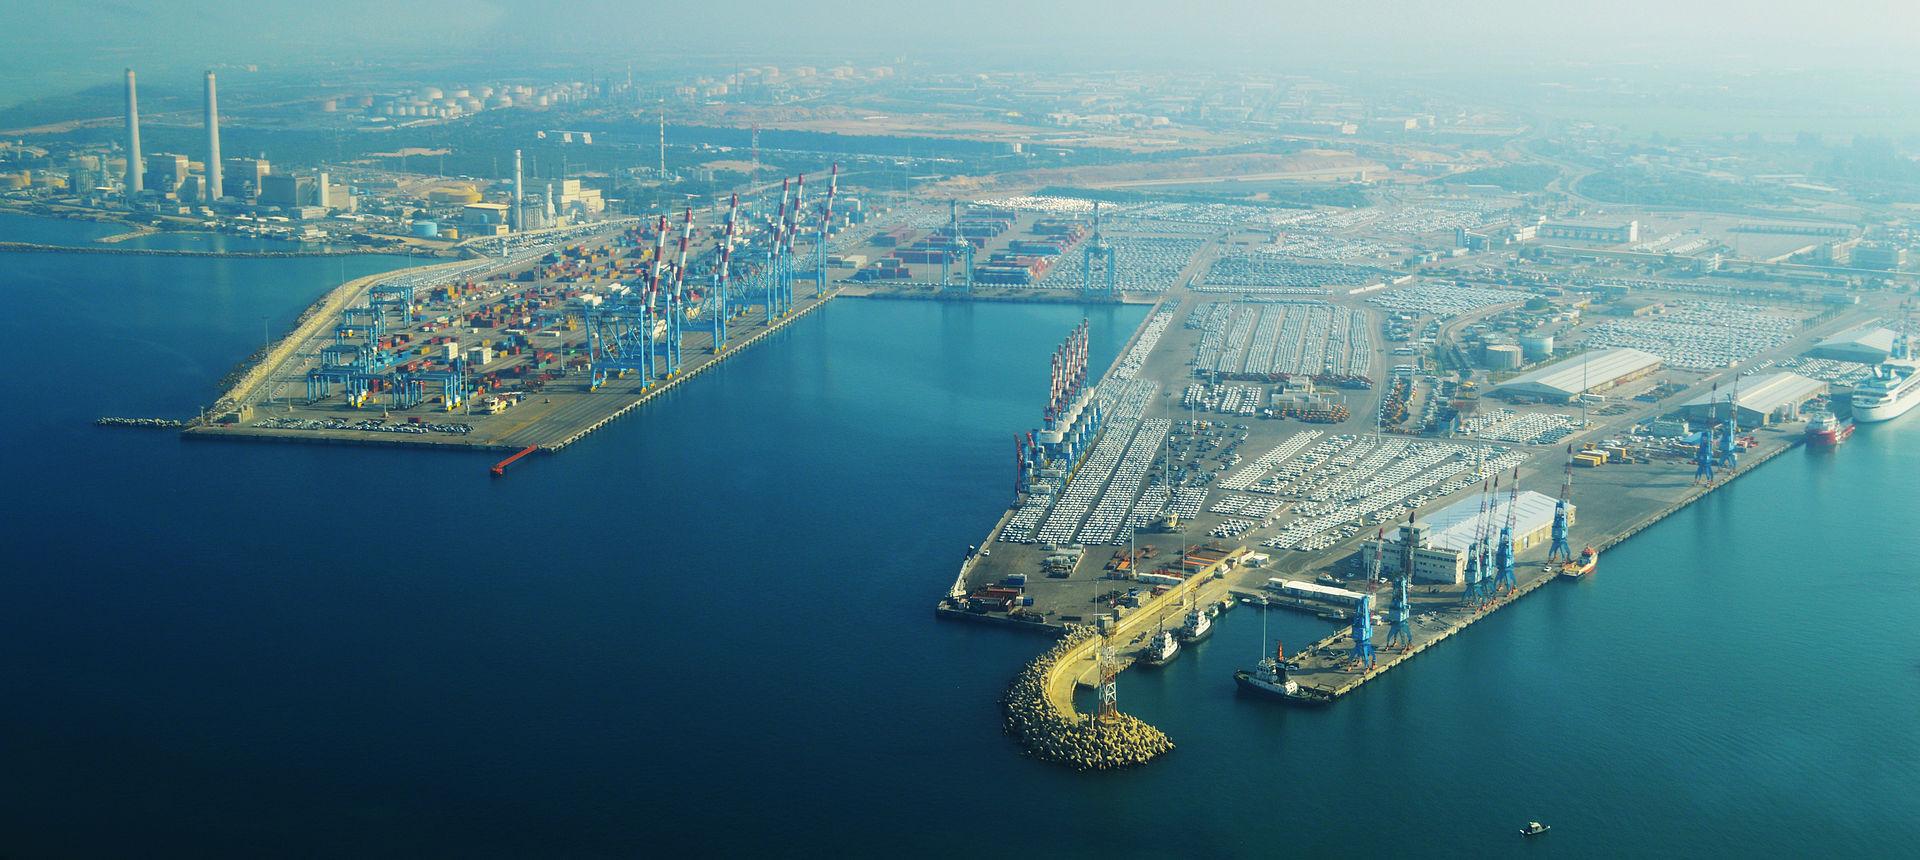 Israël s'inquiète de la lutte maritime en Méditerranée et de la place de la Chine.